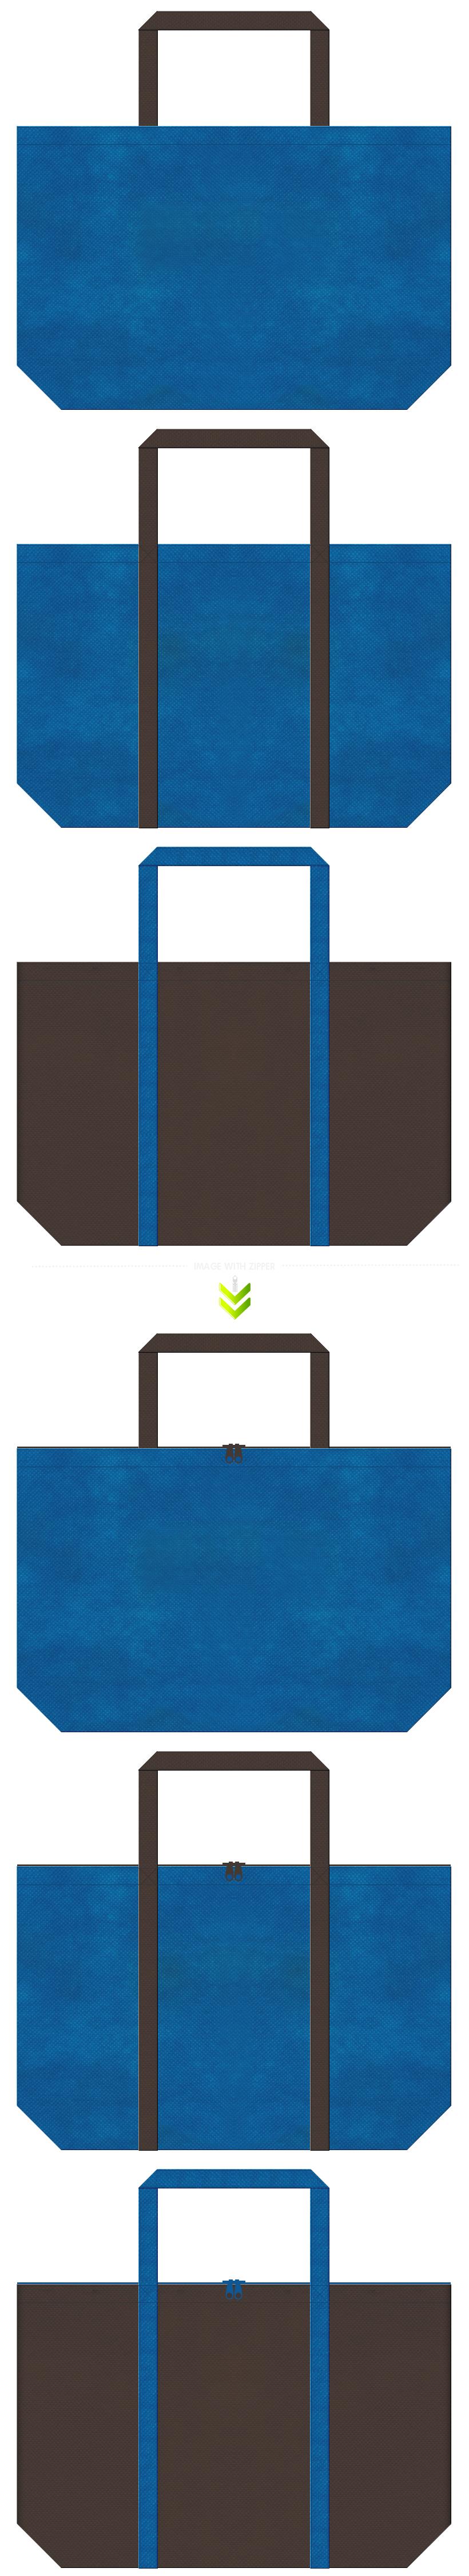 バッグノベルティのコーデ。青色とこげ茶色の不織布バッグデザイン。